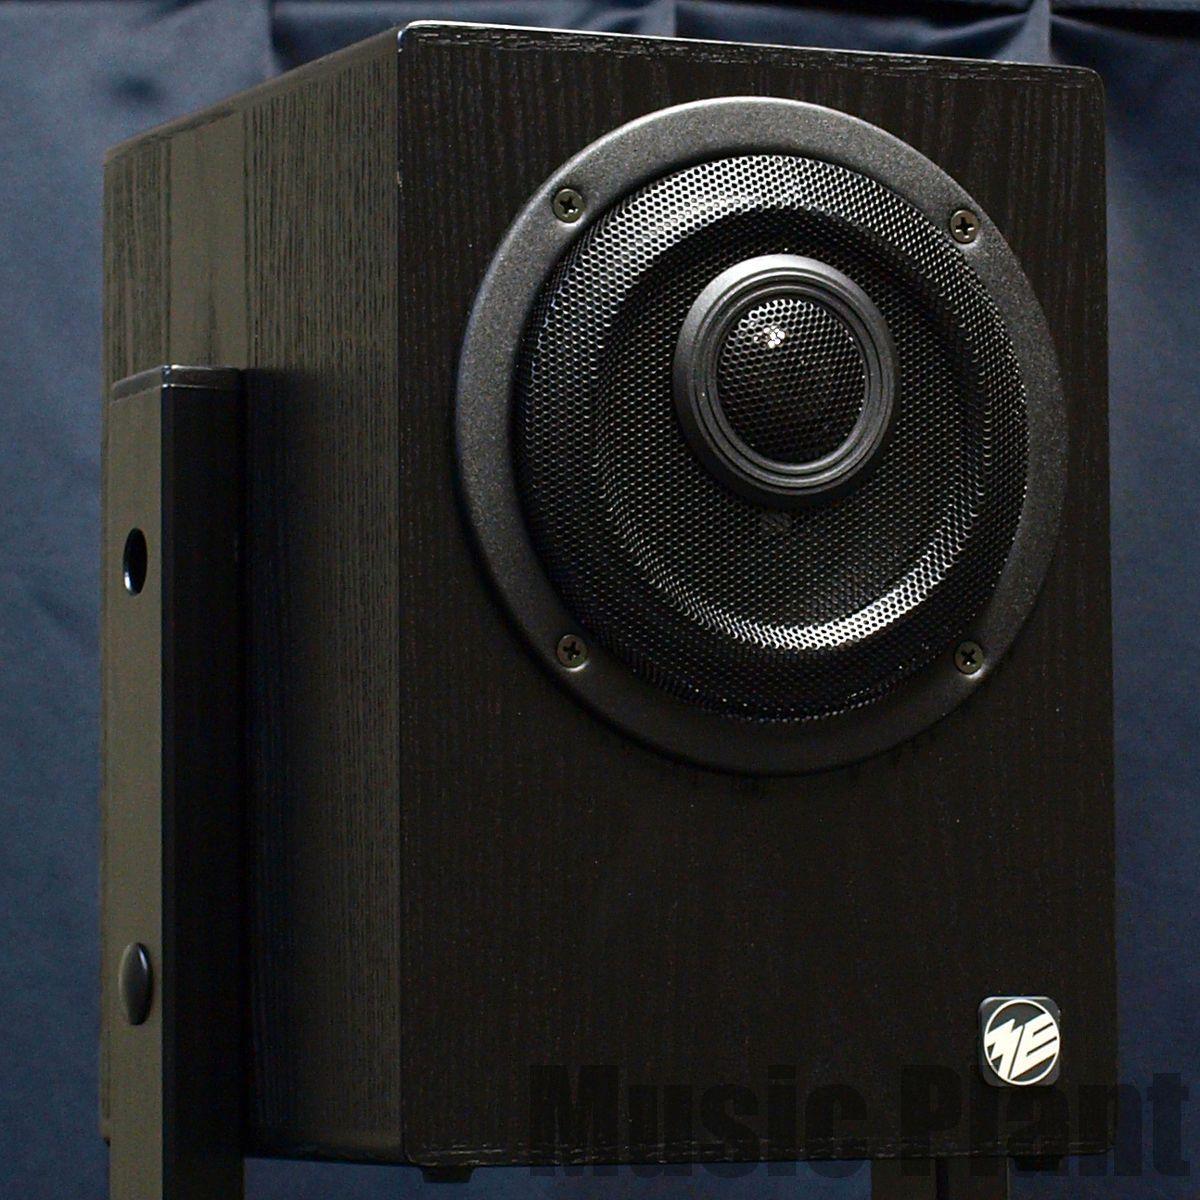 クリックでmusikelectronic geithain,RL906販売ページにジャンプ、別ウィンドウが開きます。